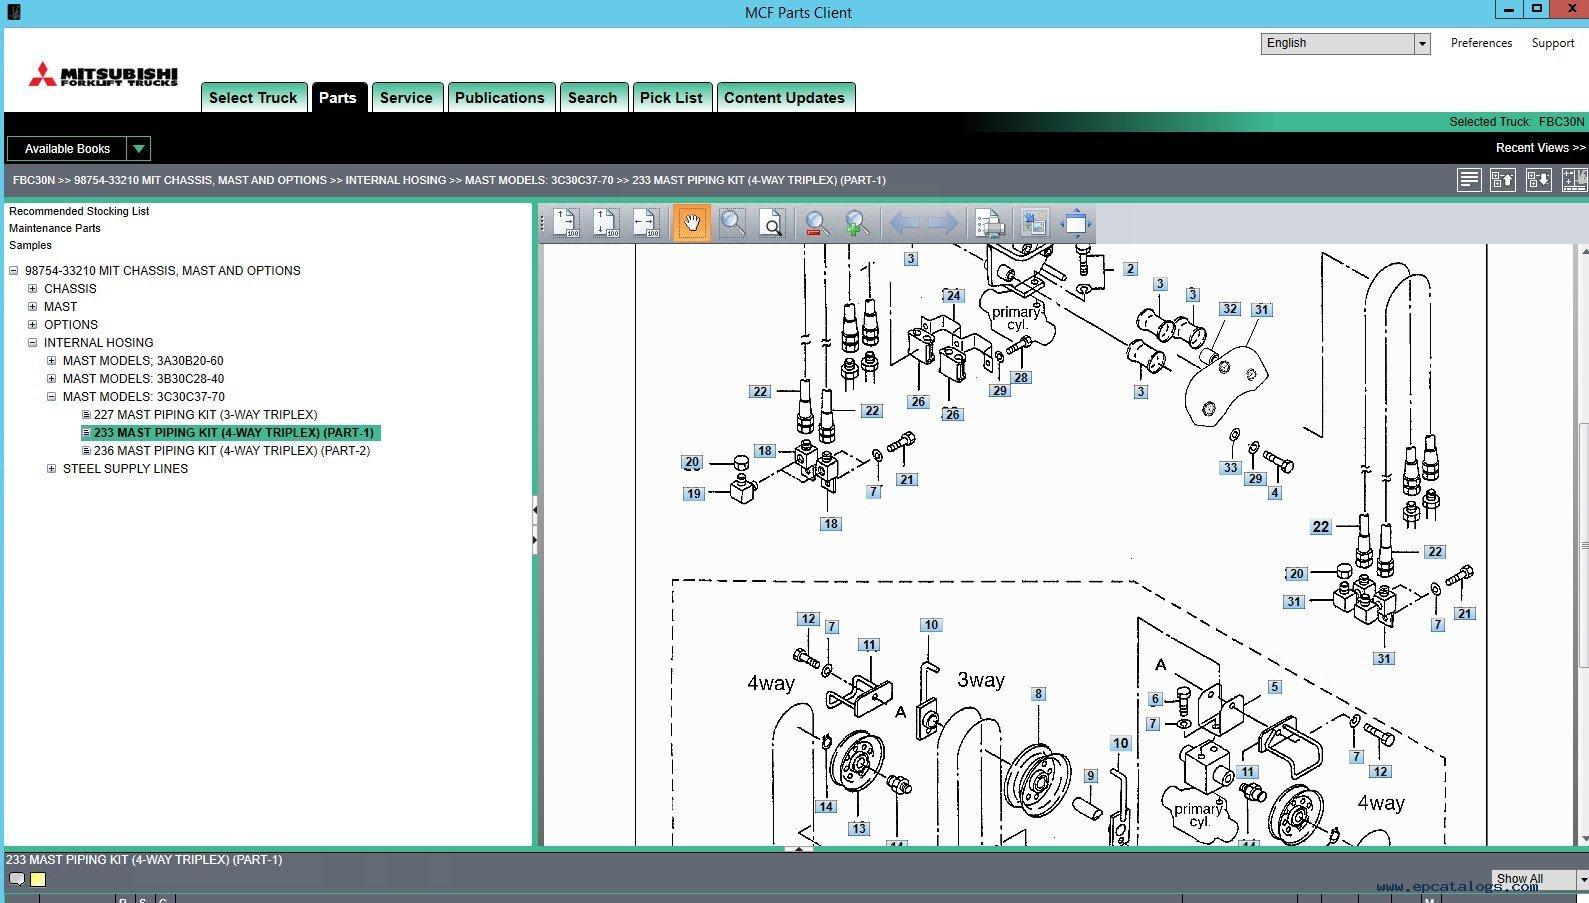 mitsubishi fg25 wiring diagram simple wiring diagram site nissan 50 forklift wiring diagram wiring library hatz diesel wiring diagrams mitsubishi fg25 forklift wiring diagram